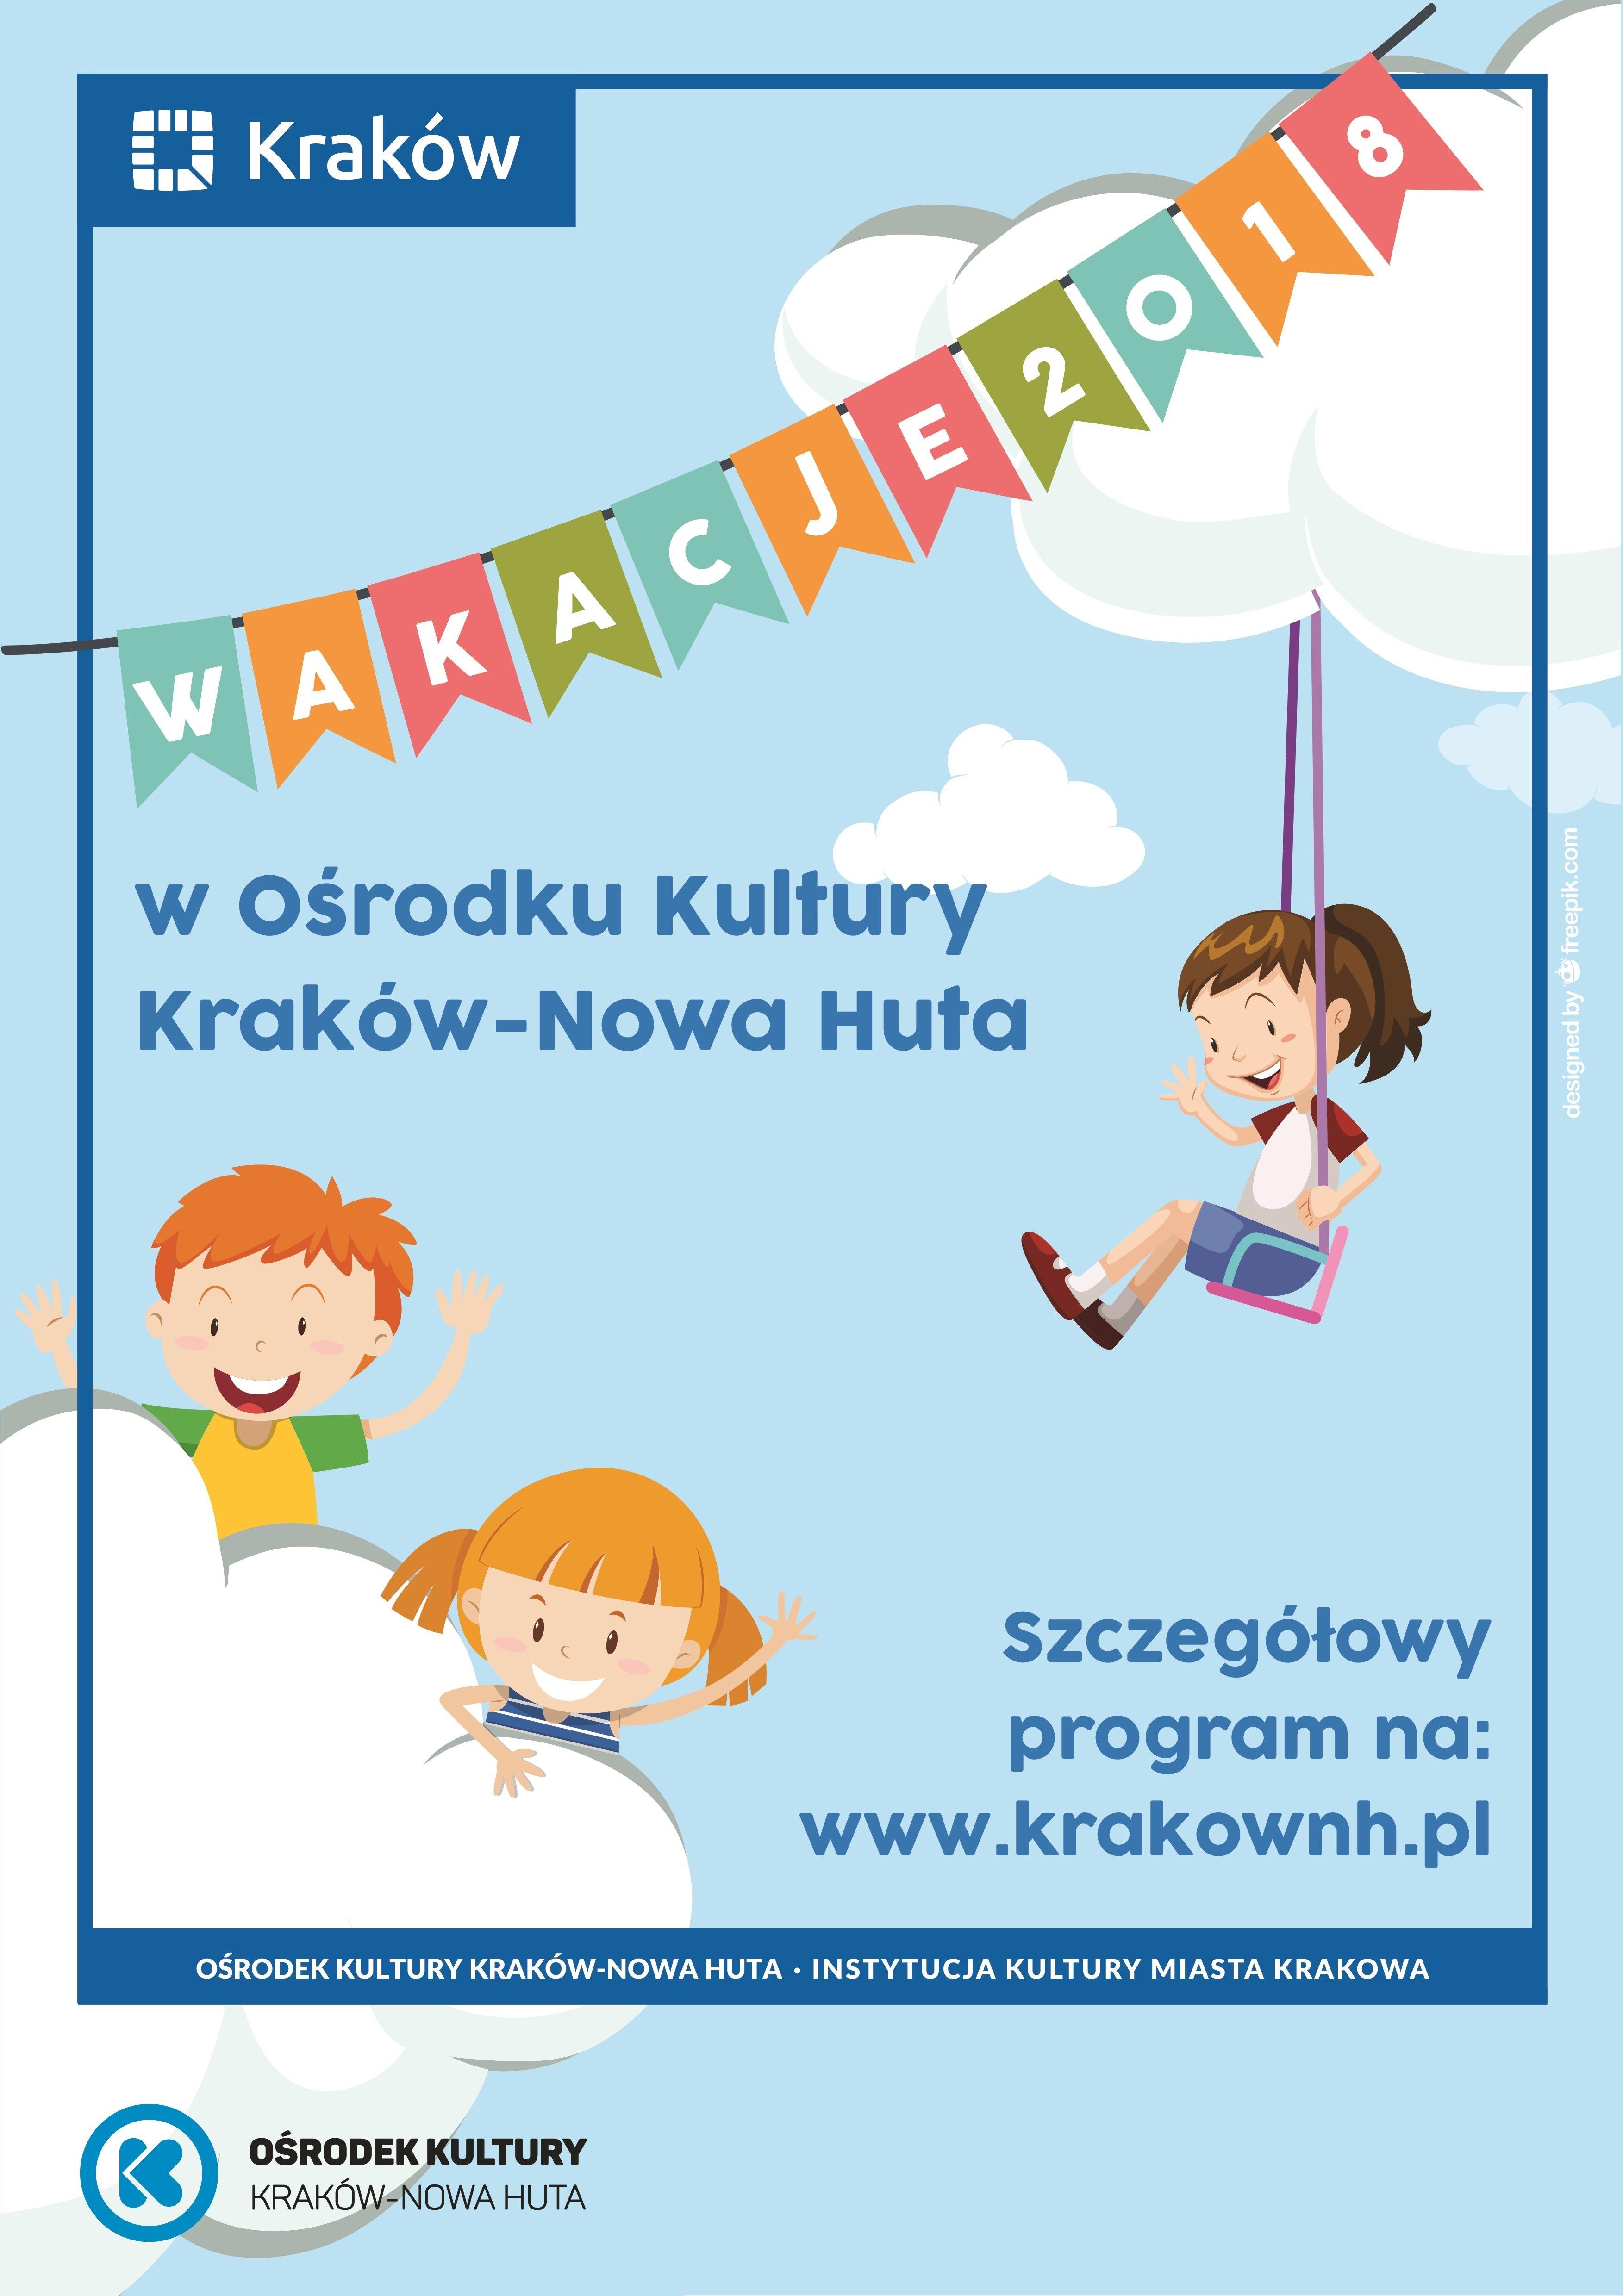 Wakacje 2018 w Klubach Ośrodka Kultury Kraków-Nowa Huta